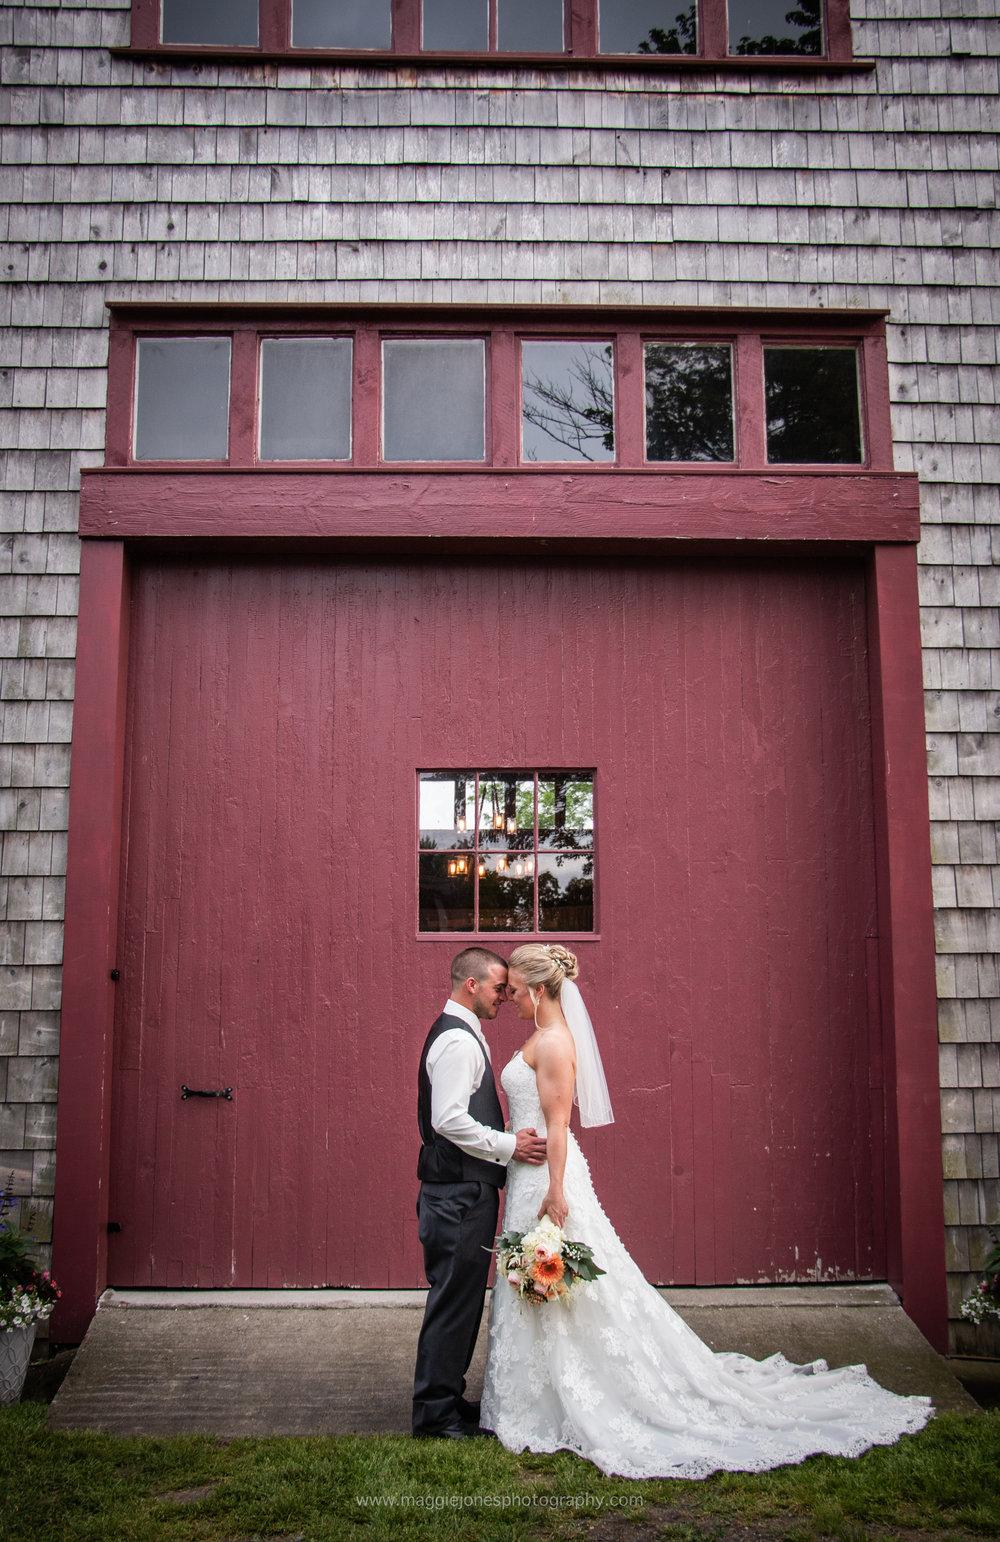 Ashley+DavidShaw_WEDDING_blog-1-76.jpg